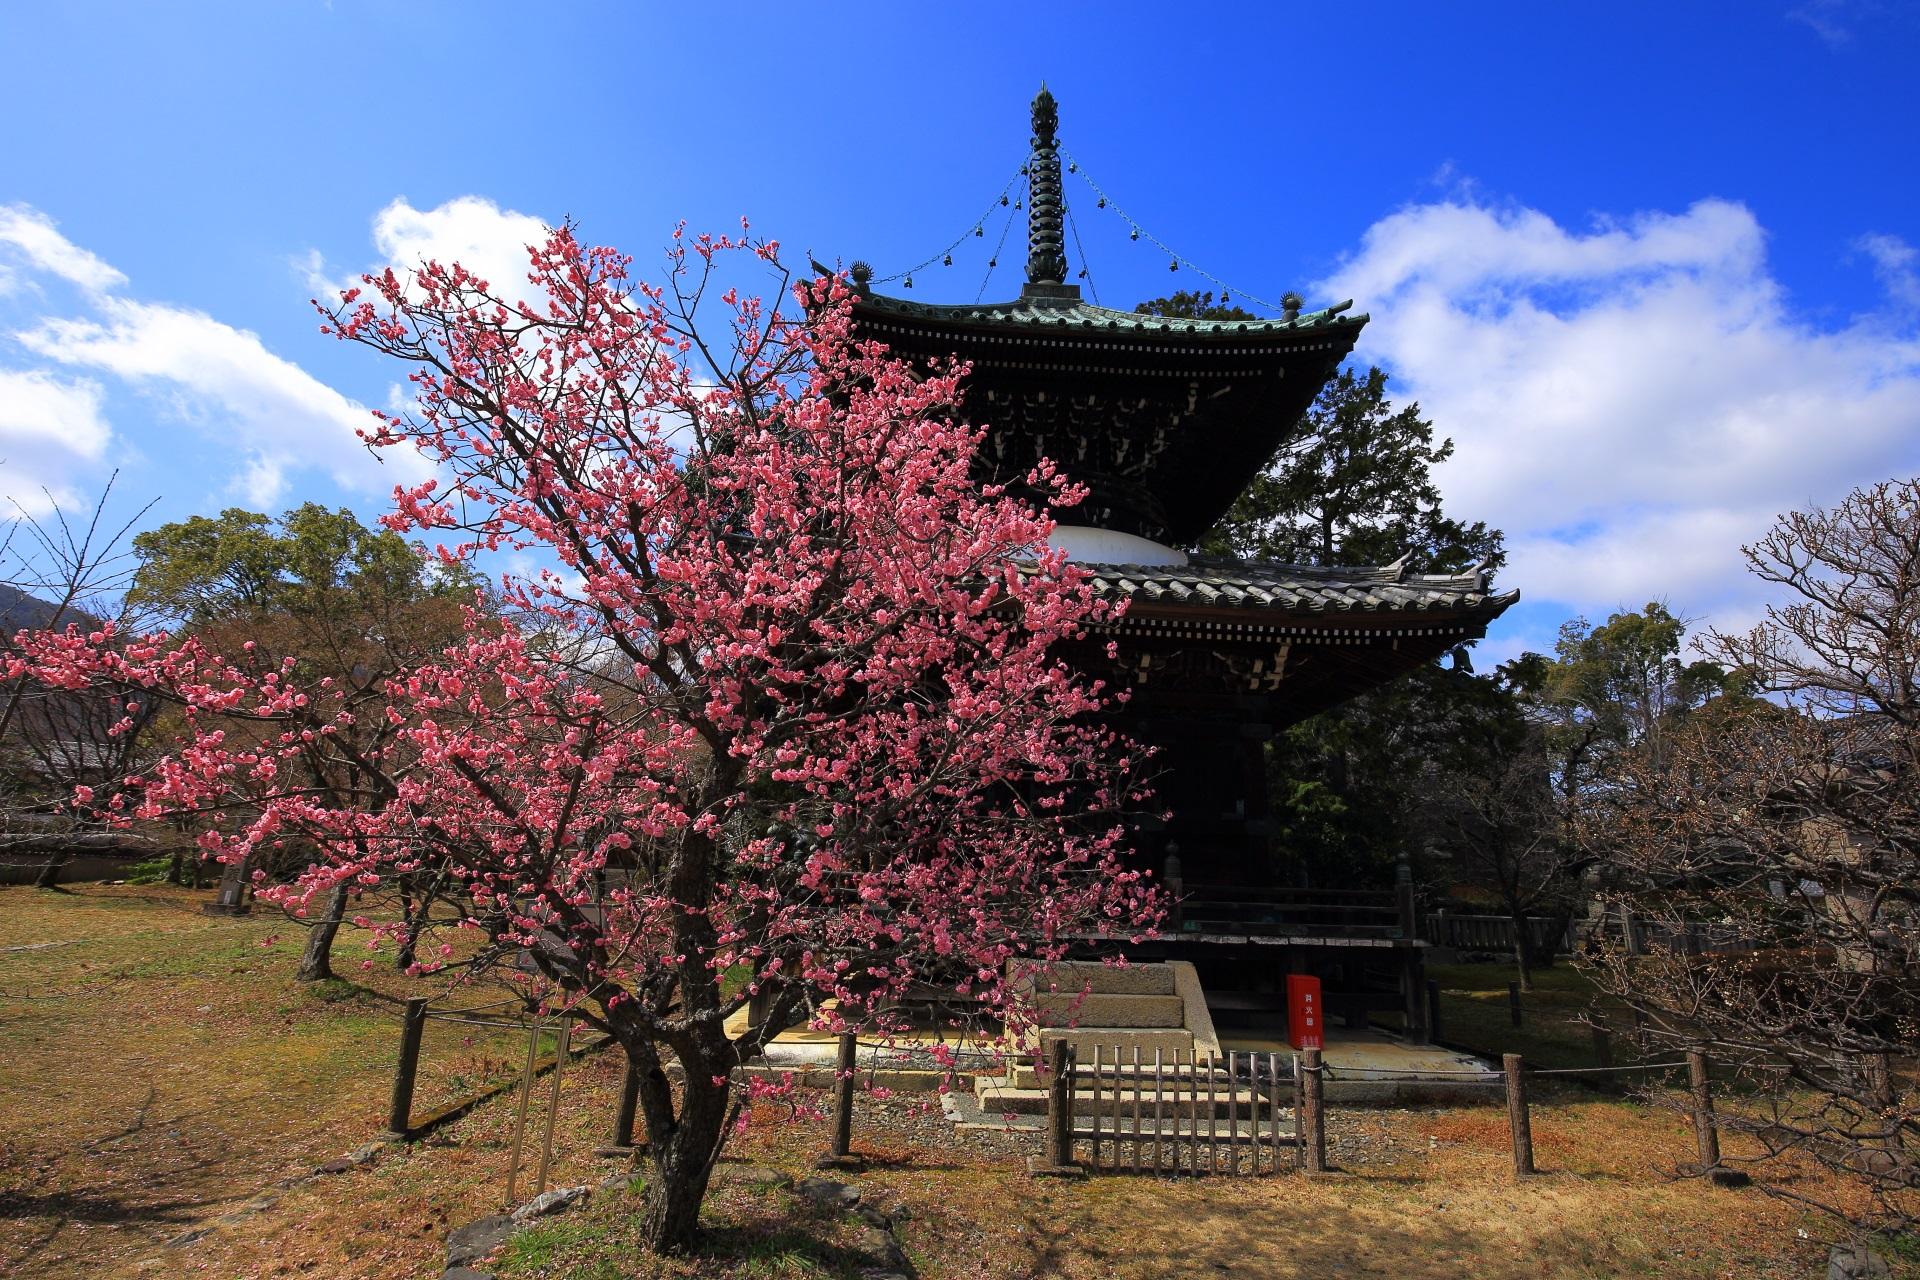 清涼寺の多宝塔と梅の絵になる春先の風景